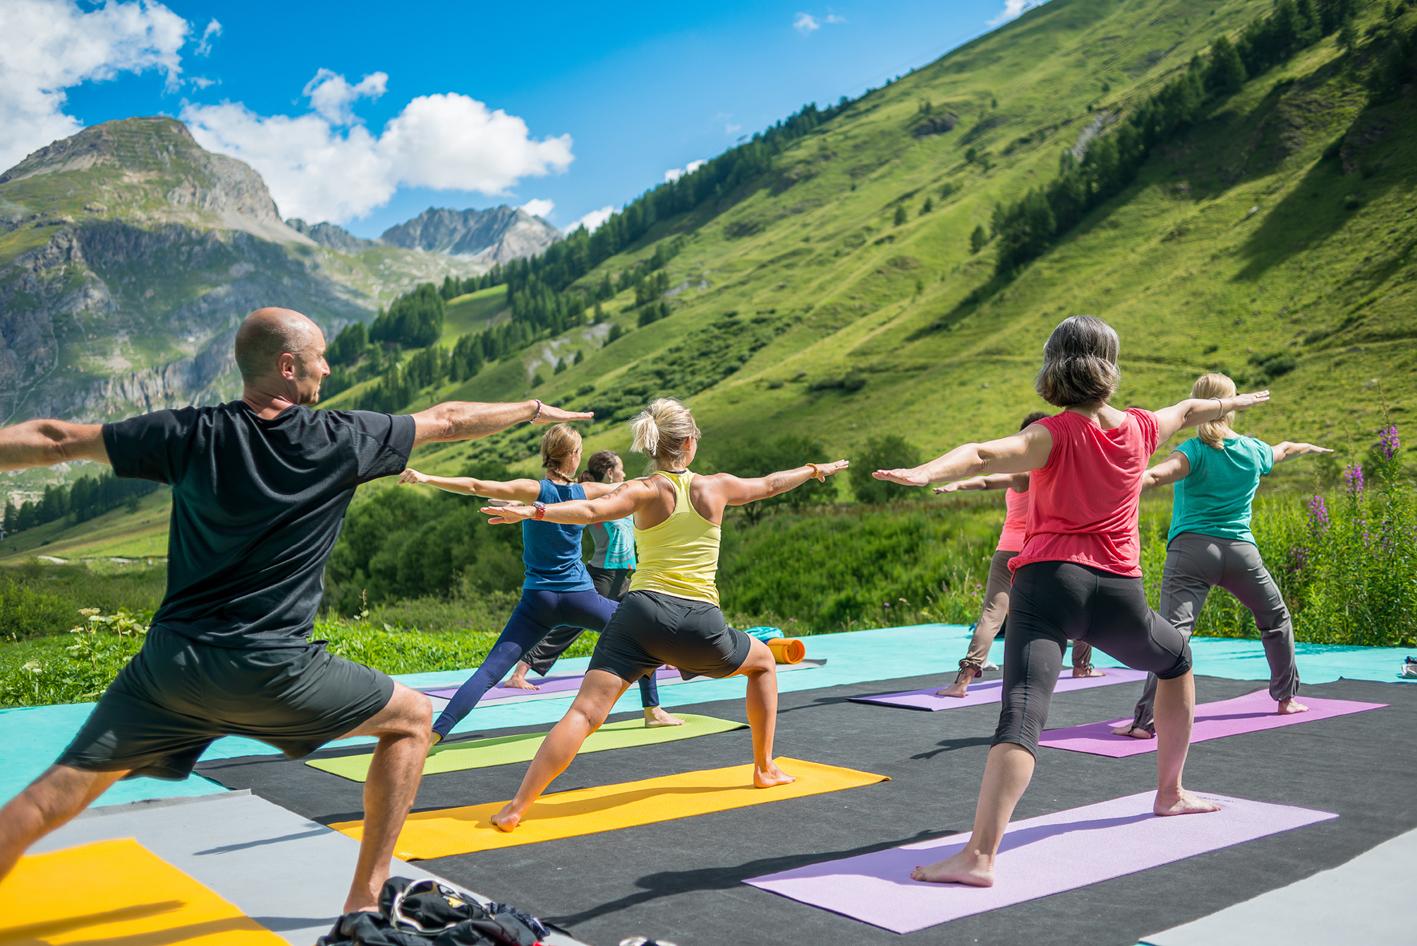 Séance de yoga à Val d'Isère (®Val d'Isère Tourisme)